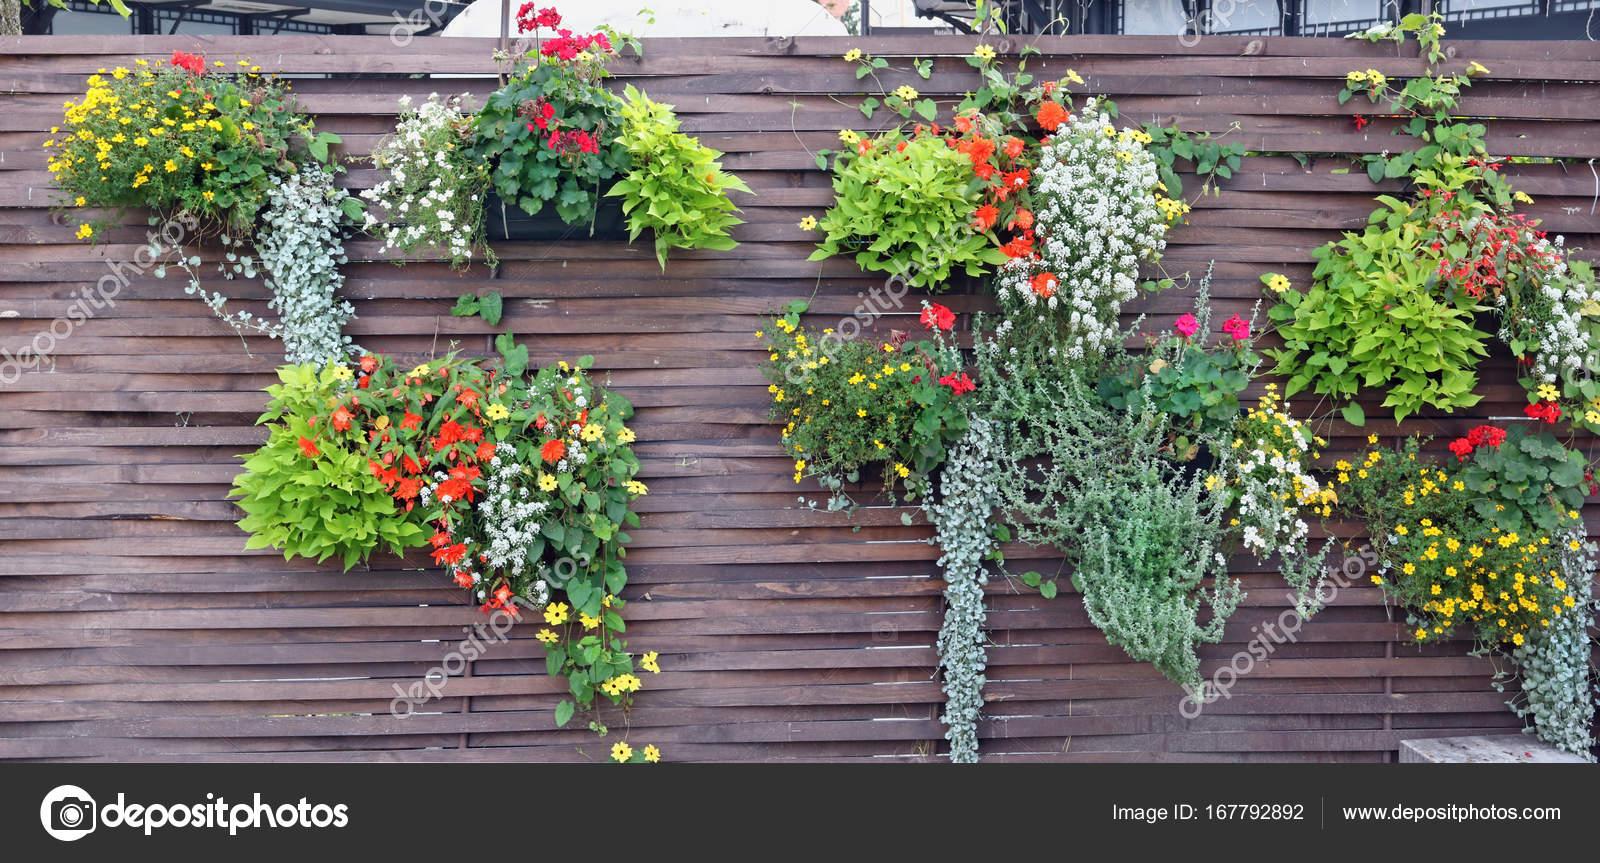 Drewniany Płot Z Doniczki I Kwitnących Roślin Zdjęcie